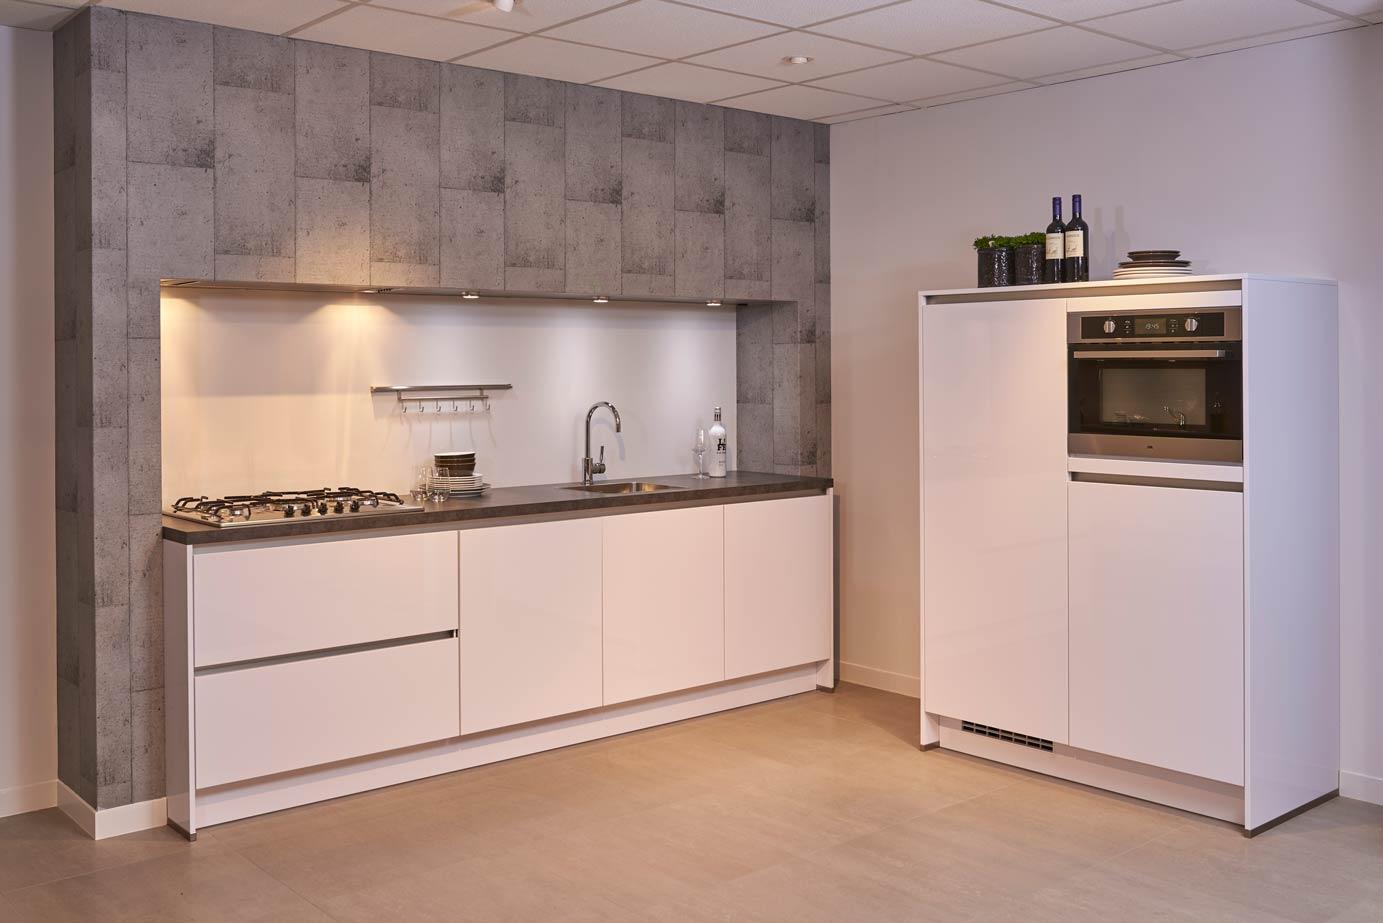 Design Hoogglans Keuken : Hoogglans keuken scherp geprijsd van ons huismerk dbselect db